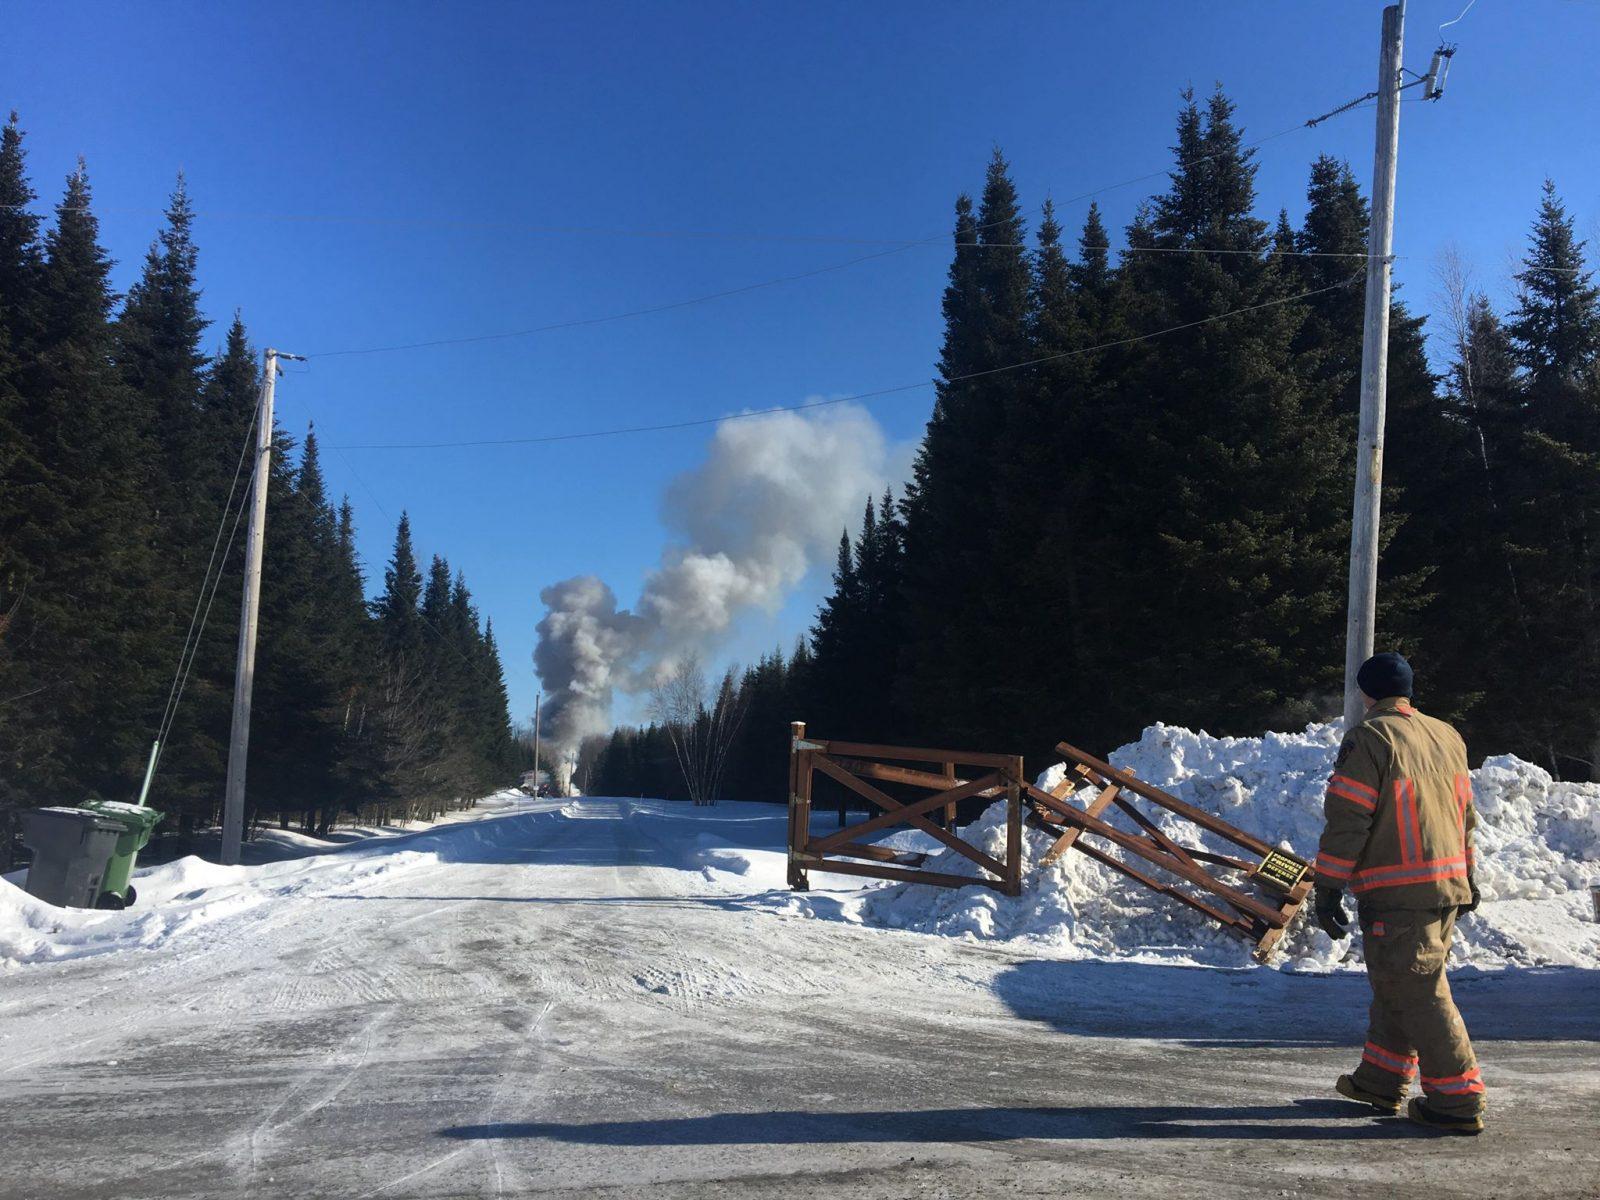 Une résidence en feu à Saint-Cyrille-de-Wendover